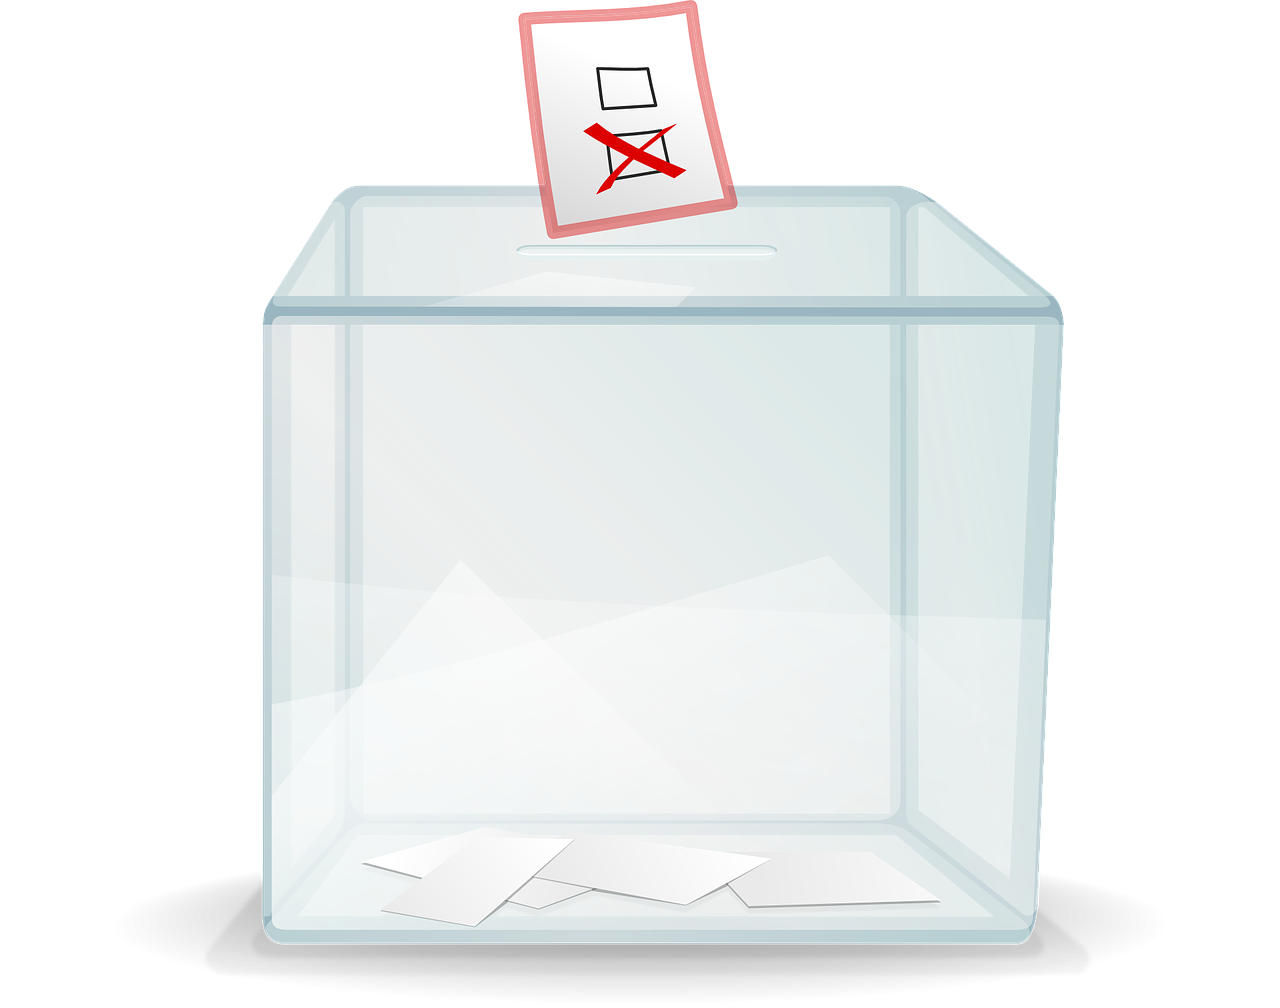 głosowanie w innej miejscowości